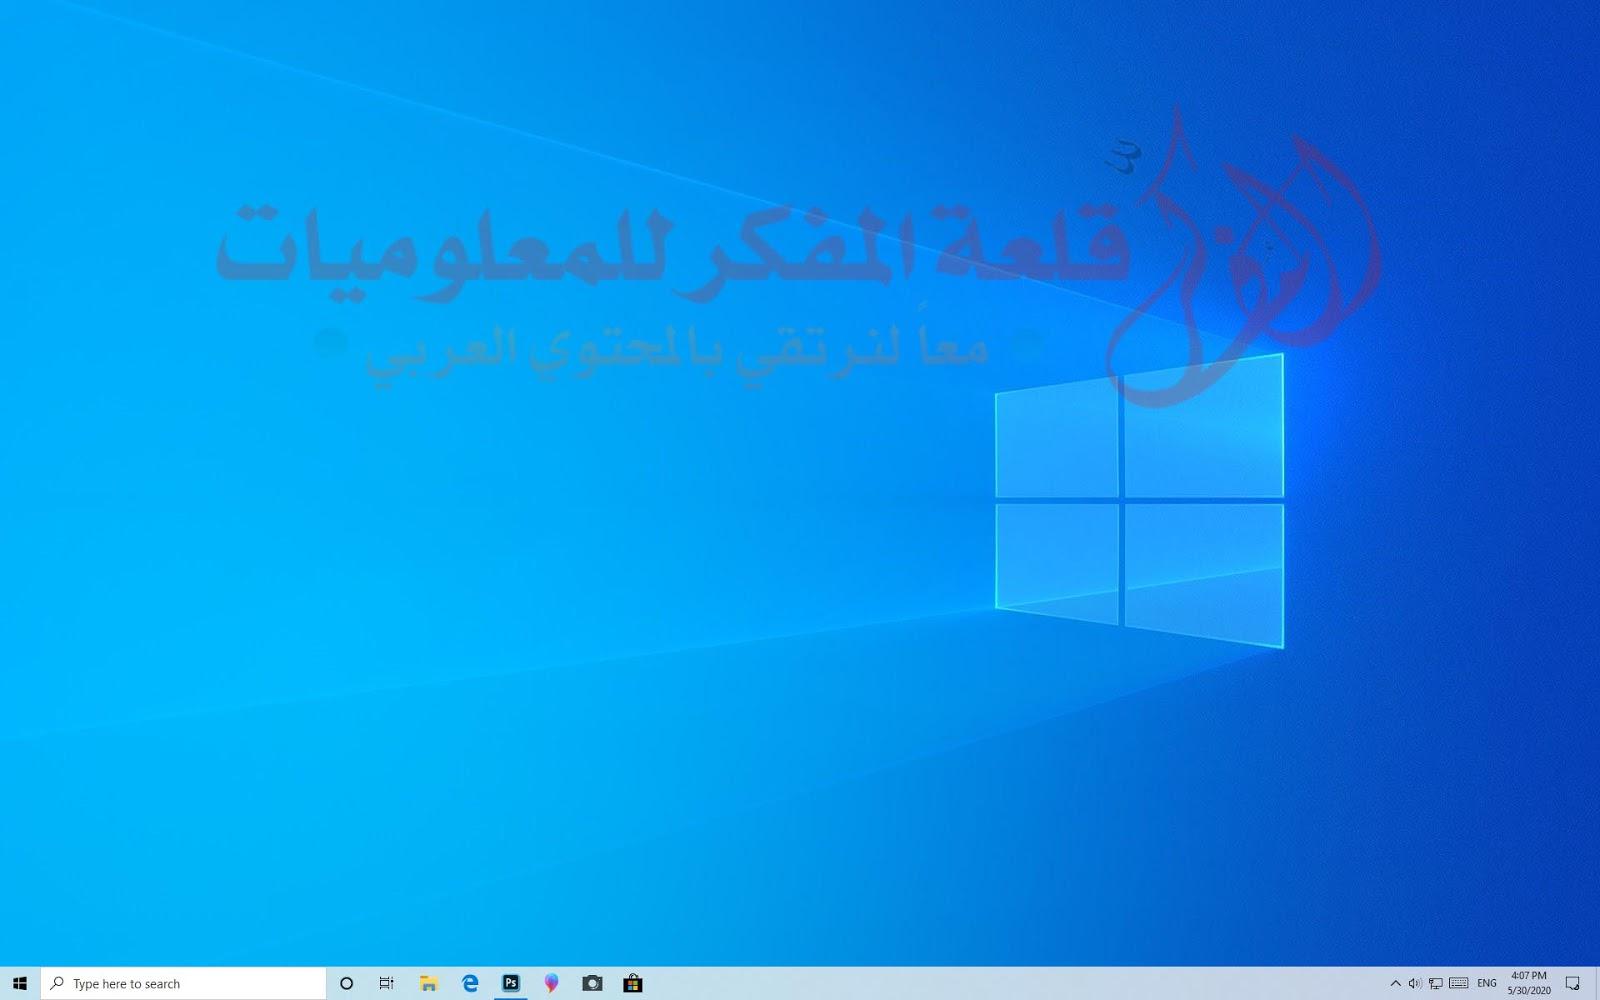 تحميل ويندوز 10 الجديد تحديث مايو 2020 إصدار 2004 من الموقع الرسمي - Windows 10 May 2020 Update